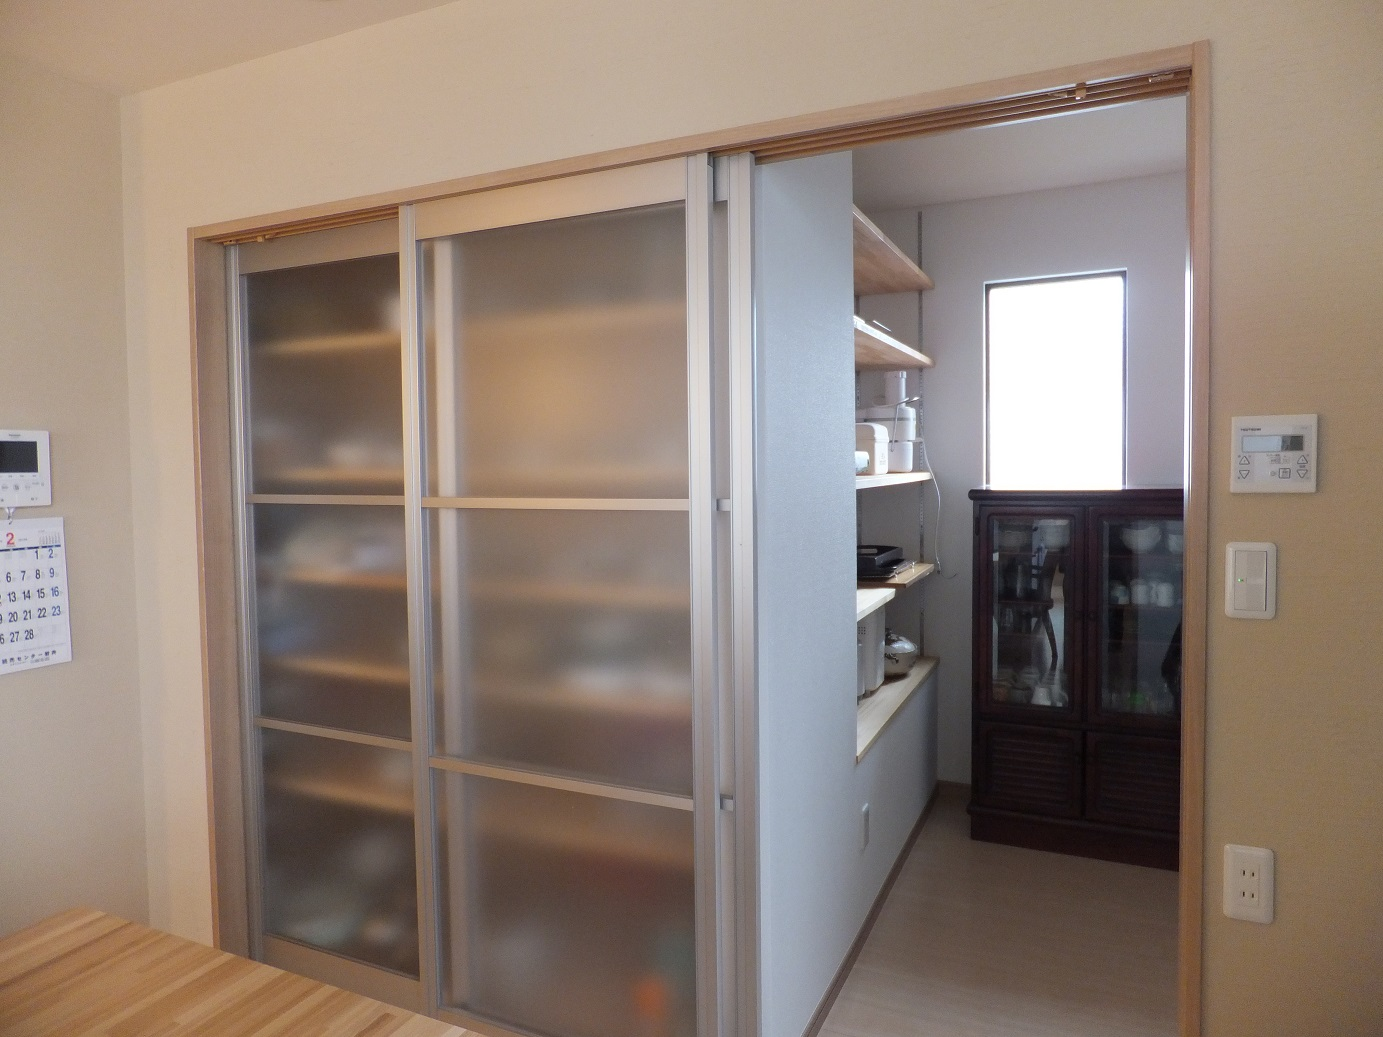 左側の扉にはオリジナルの棚を設け食器や食材を収納するなど、細部にこだわりすっきりとした暮らしを実現できるようプランニングしました。